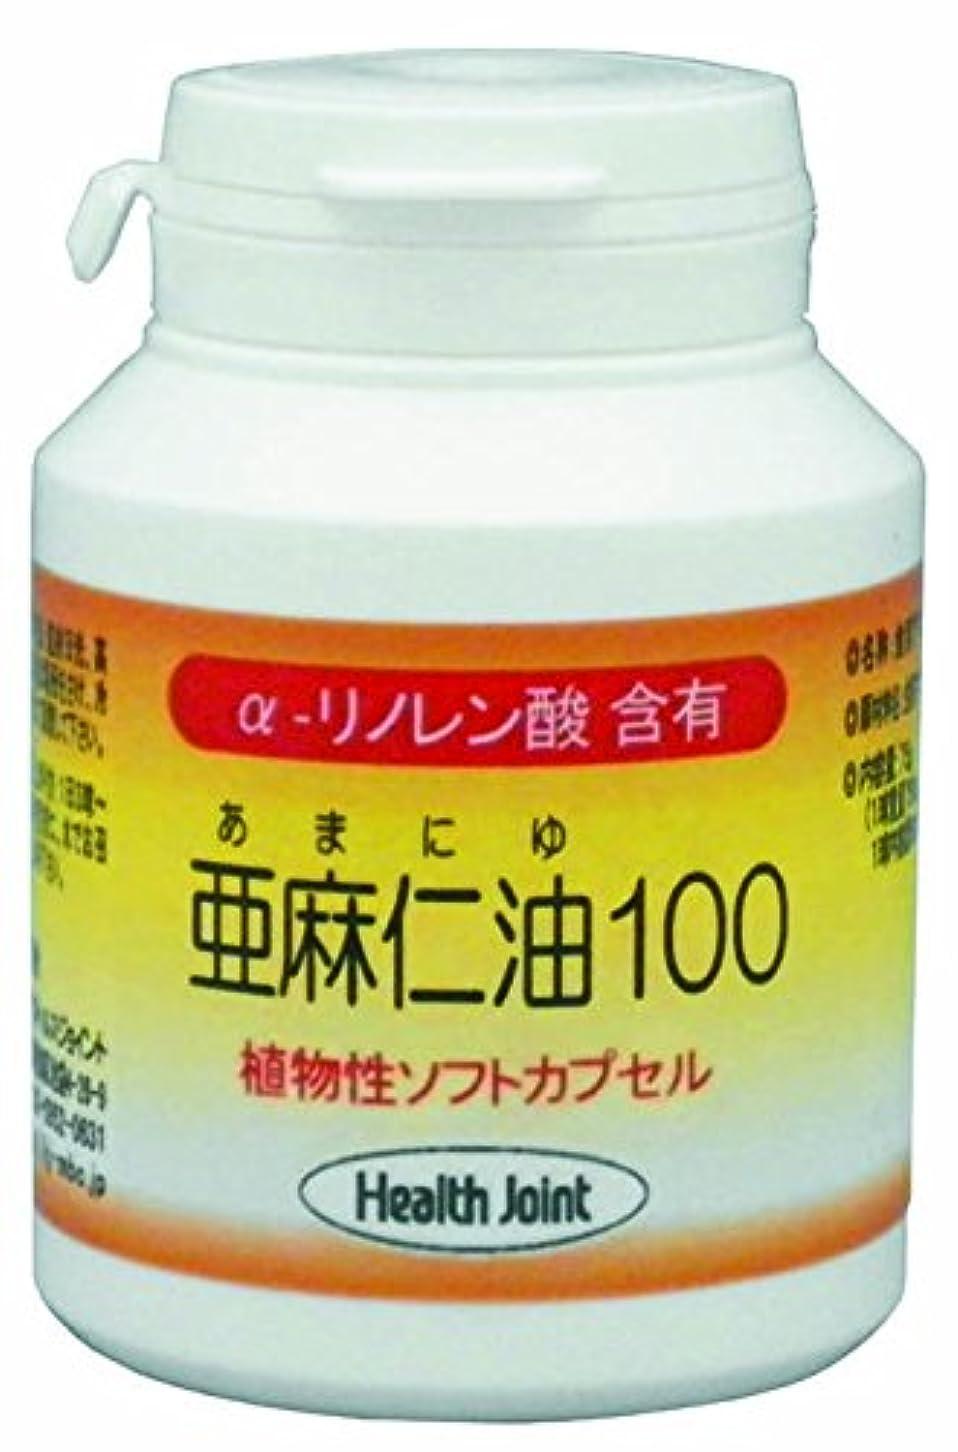 亜麻仁油100 植物性 ソフトカプセル 100球 おまとめ12個セット